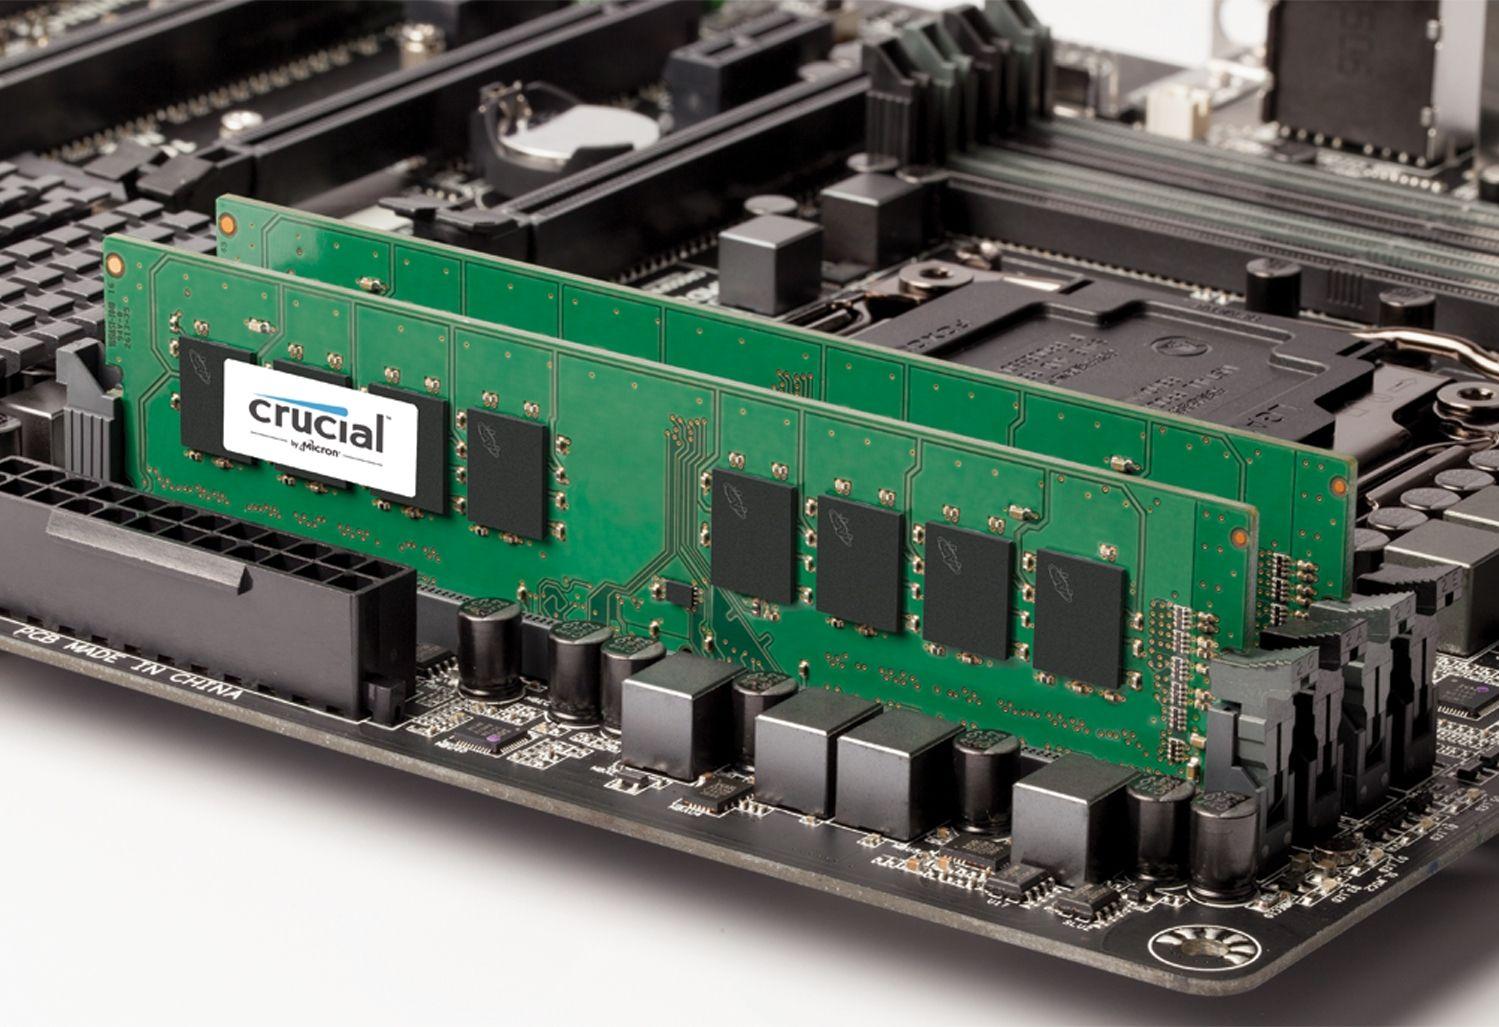 Dos módulos de memoria RAM Crucial colocados en una motherboard